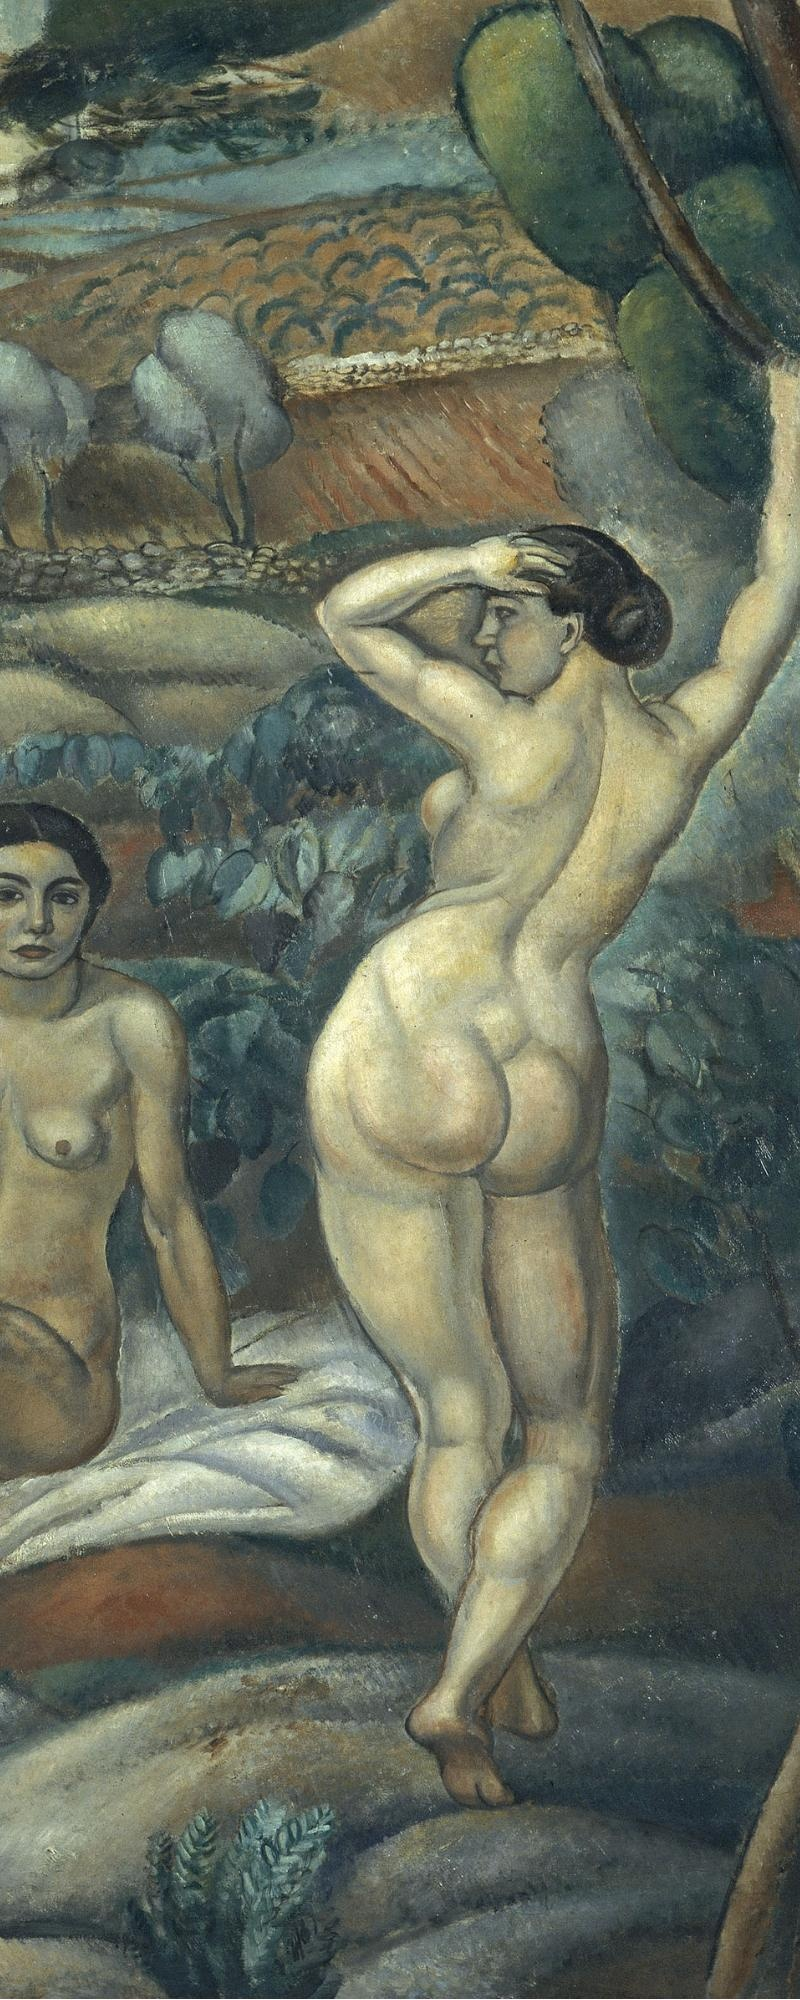 Museu Nacional d'Art de Catalunya | Tres nus al bosc